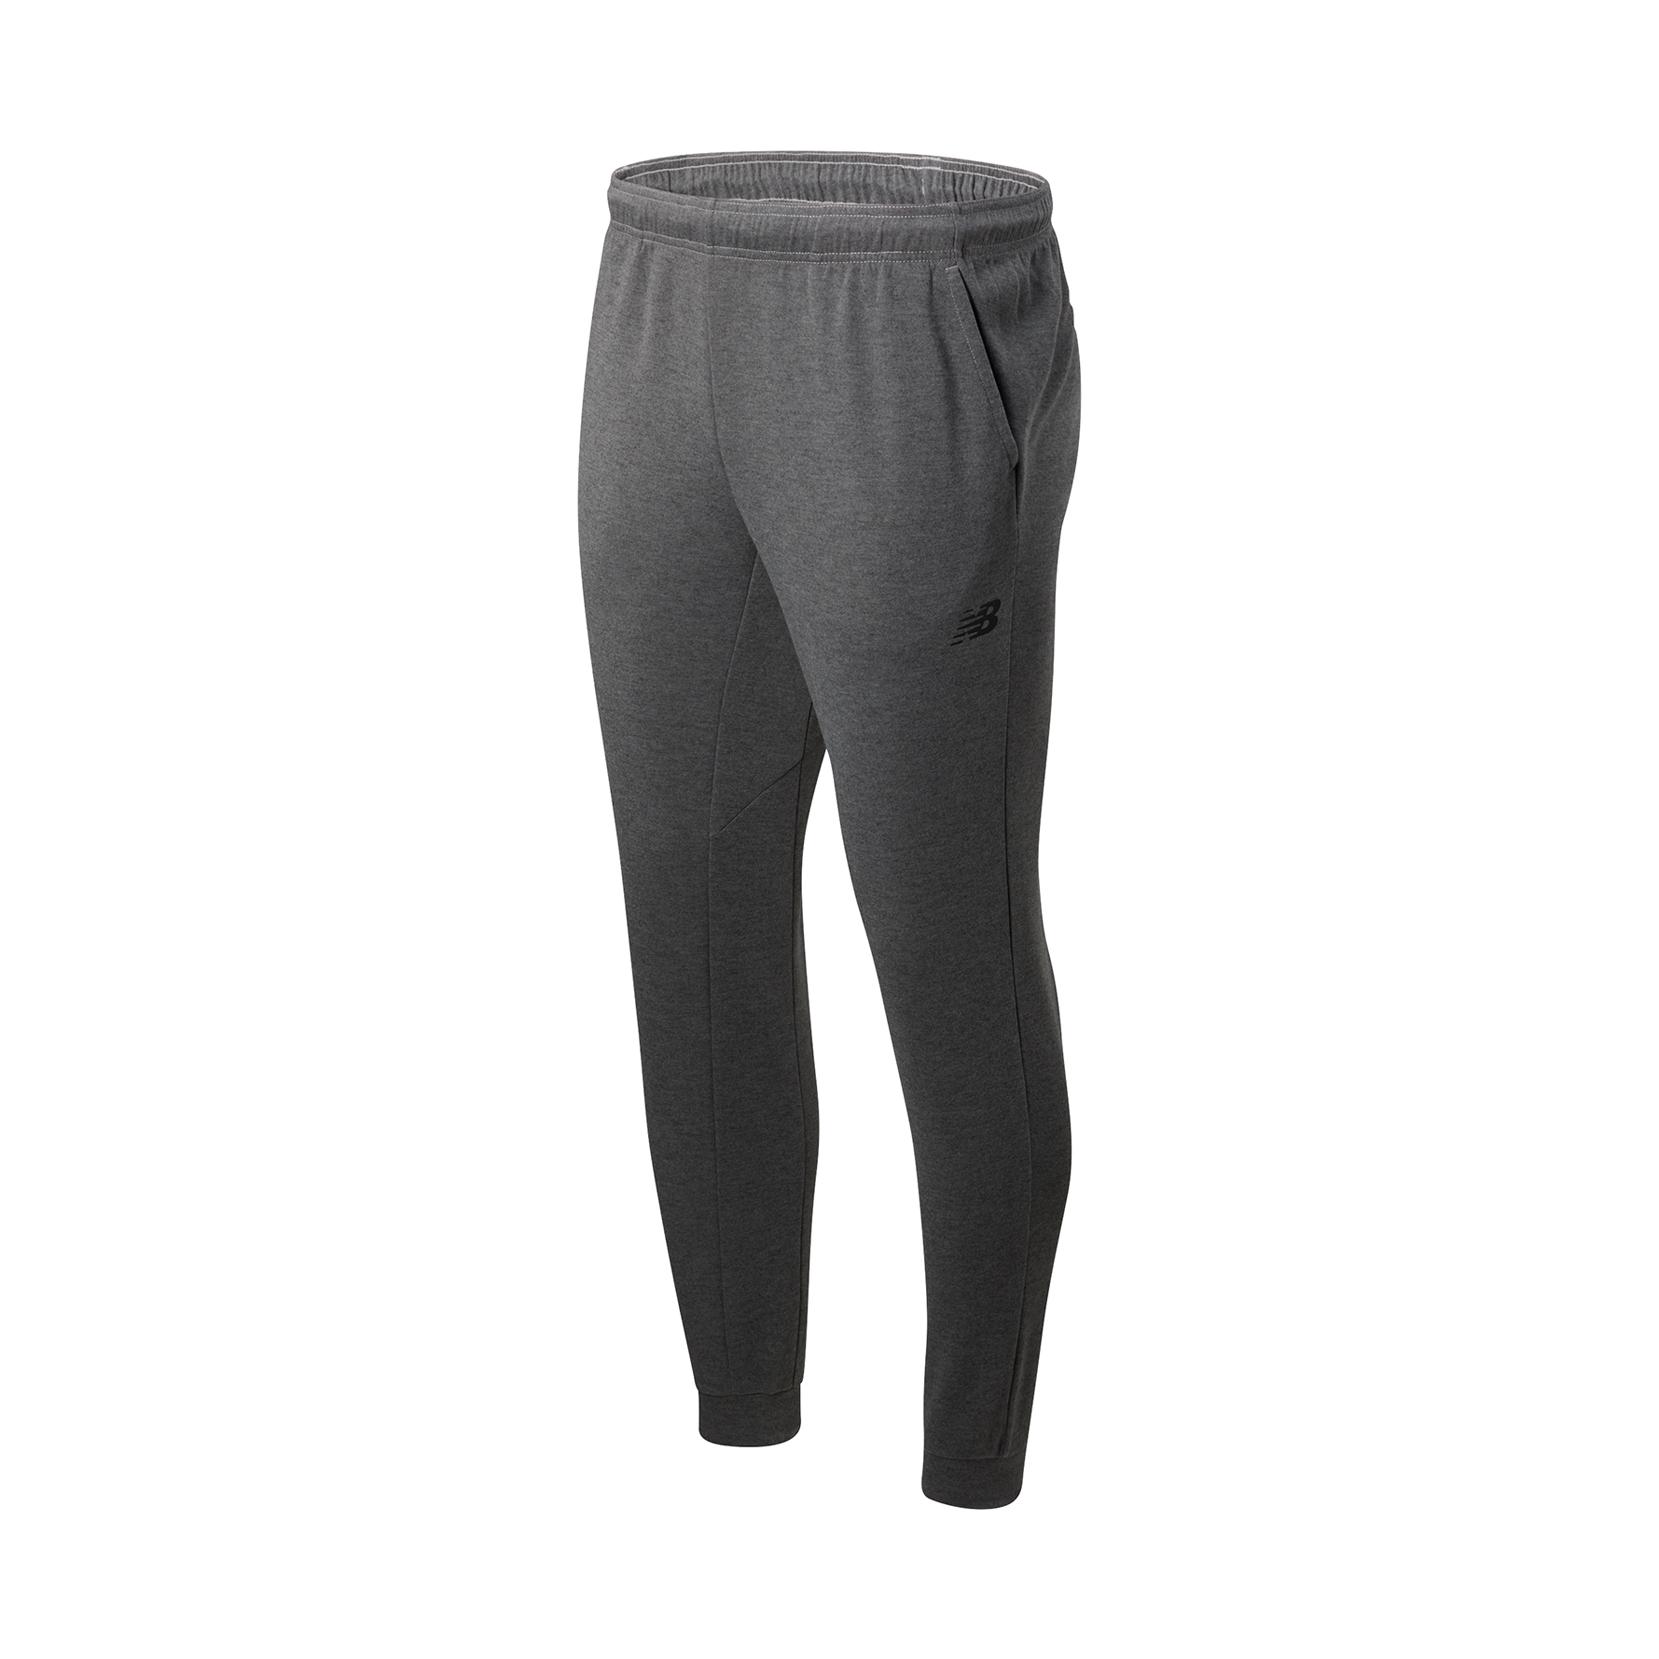 Спортивні брюки Tenacity Lightweight для чоловіків MP01003AG | New Balance